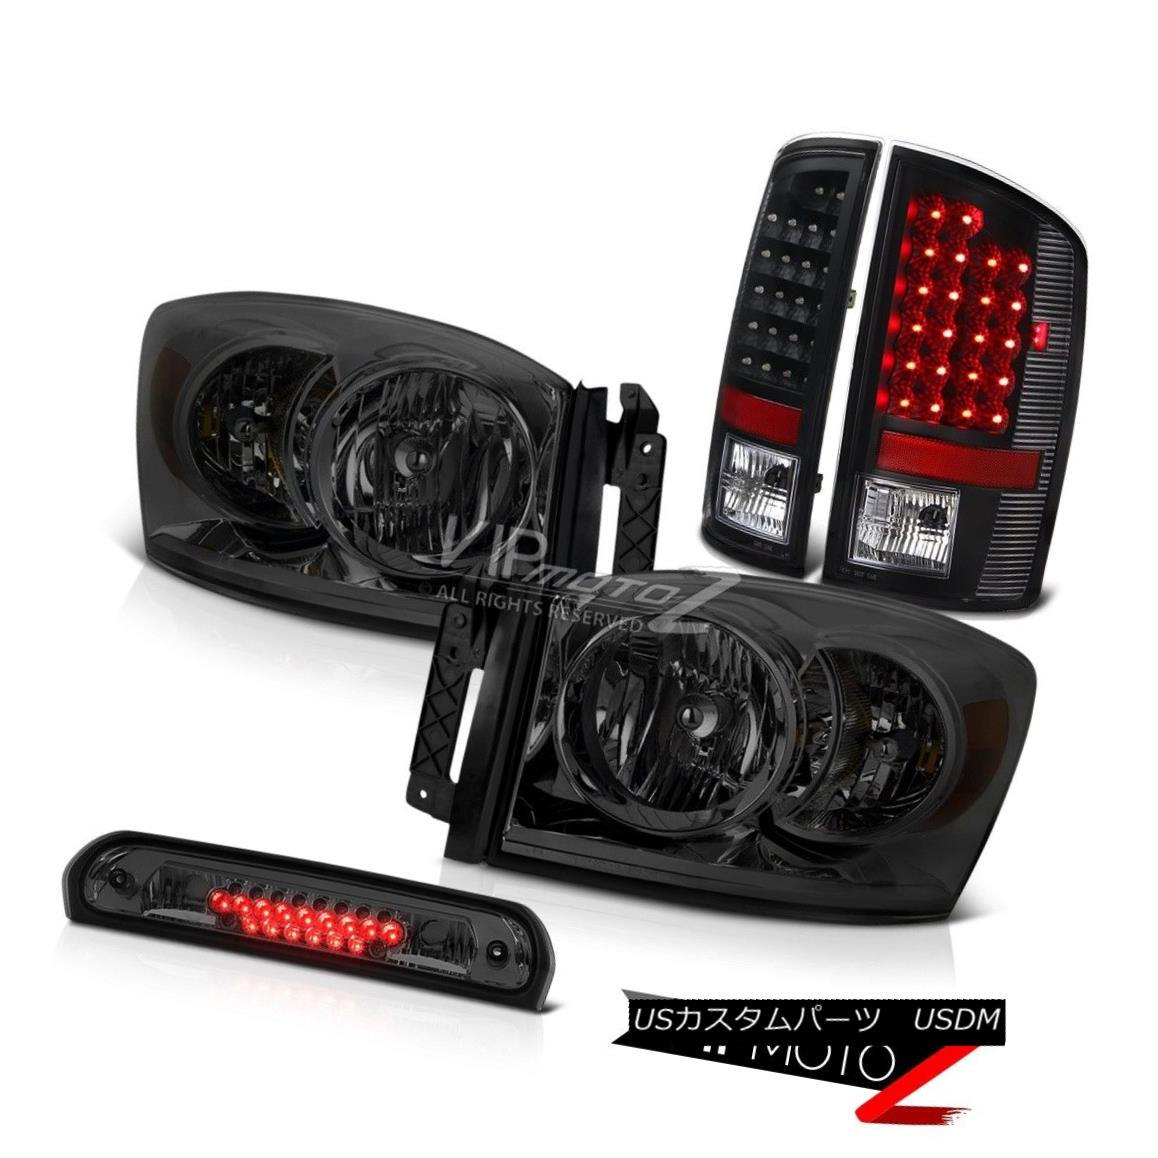 テールライト Tinted Headlights L+R Black Brake LED Tail Lights 3rd Cargo 07-08 Dodge Ram 2500 着色ヘッドライトL + RブラックブレーキLEDテールライト3rd Cargo 07-08 Dodge Ram 2500